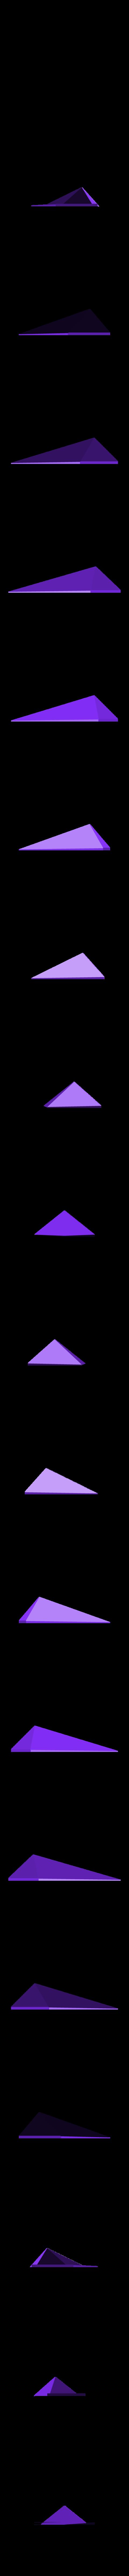 Plumbob Gem.stl Download STL file Steven Universe Cosplay Gem Set • 3D printable object, httpkoopa